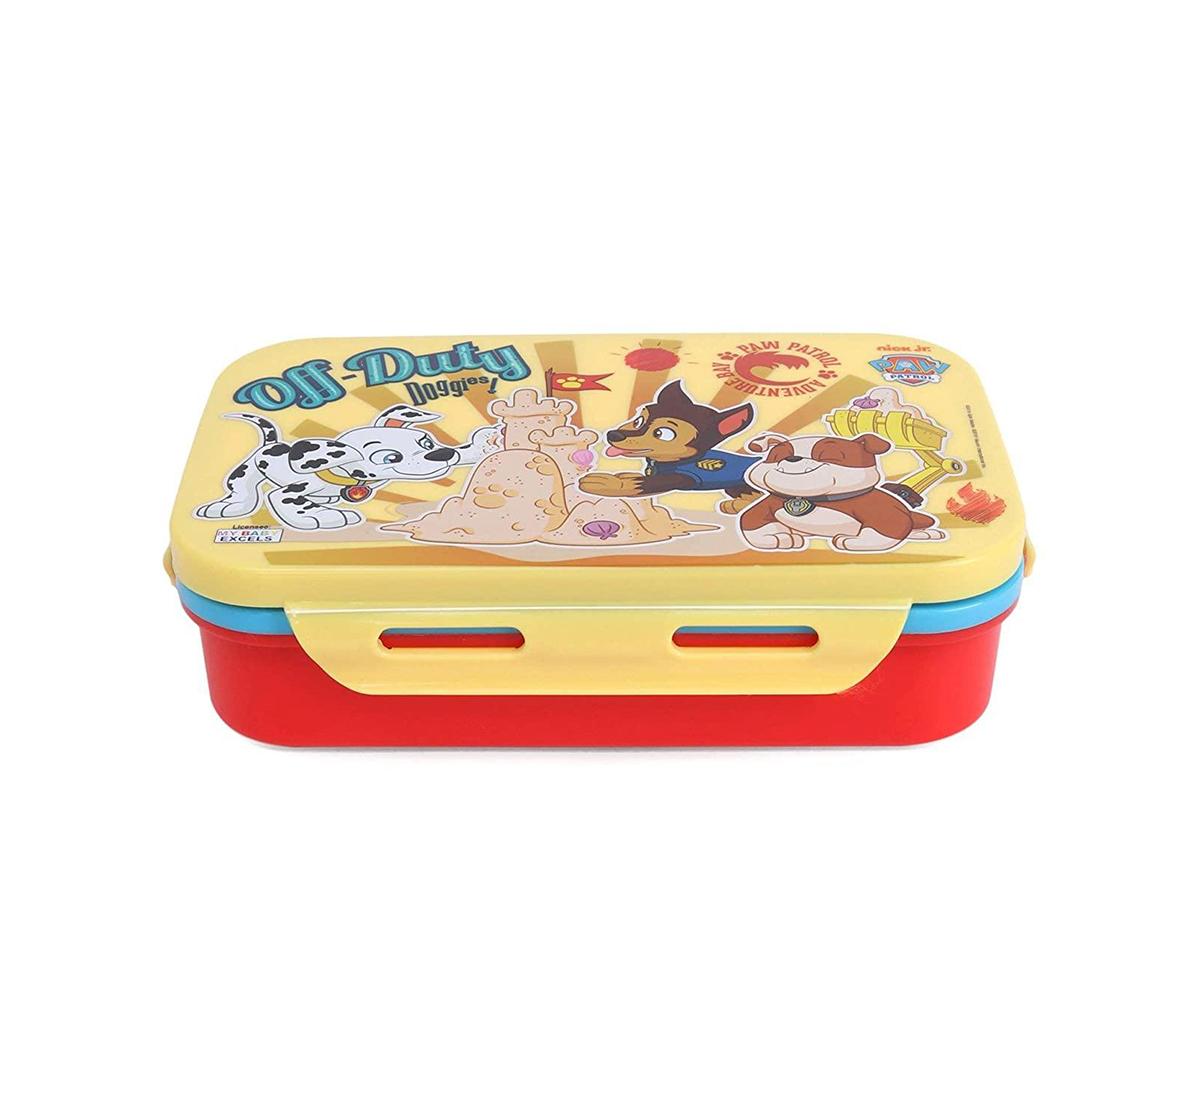 Paw Patrol   Paw Patrol Lunch Box for Kids age 3Y+